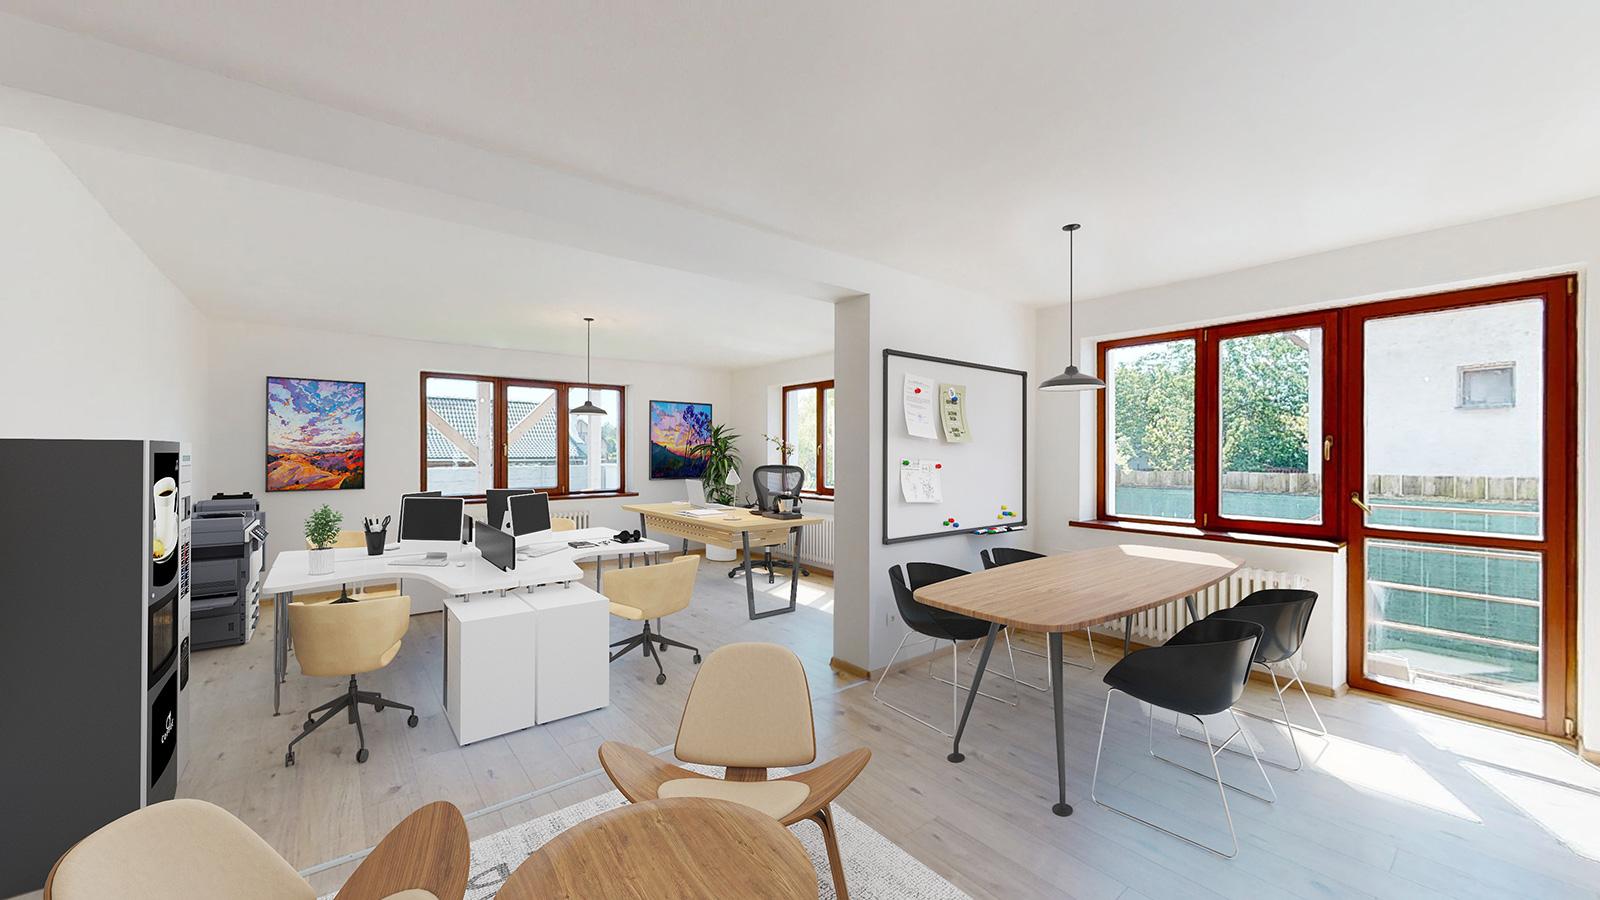 na predaj - Priestranný dvojgeneračný dom 15 min od Bratislavy v Lozorne - vizualizácia kancelárie